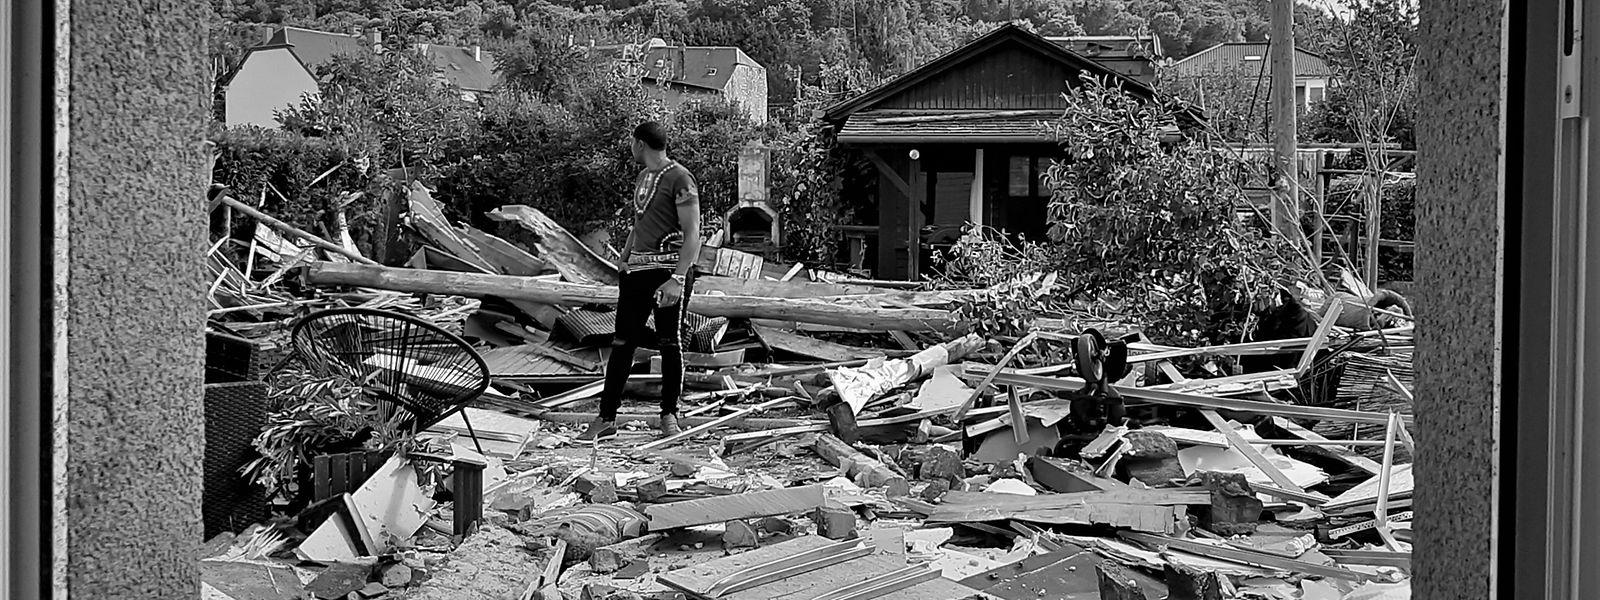 O telhado de casa dos Furtado voou e com ele uma vida de trabalho.